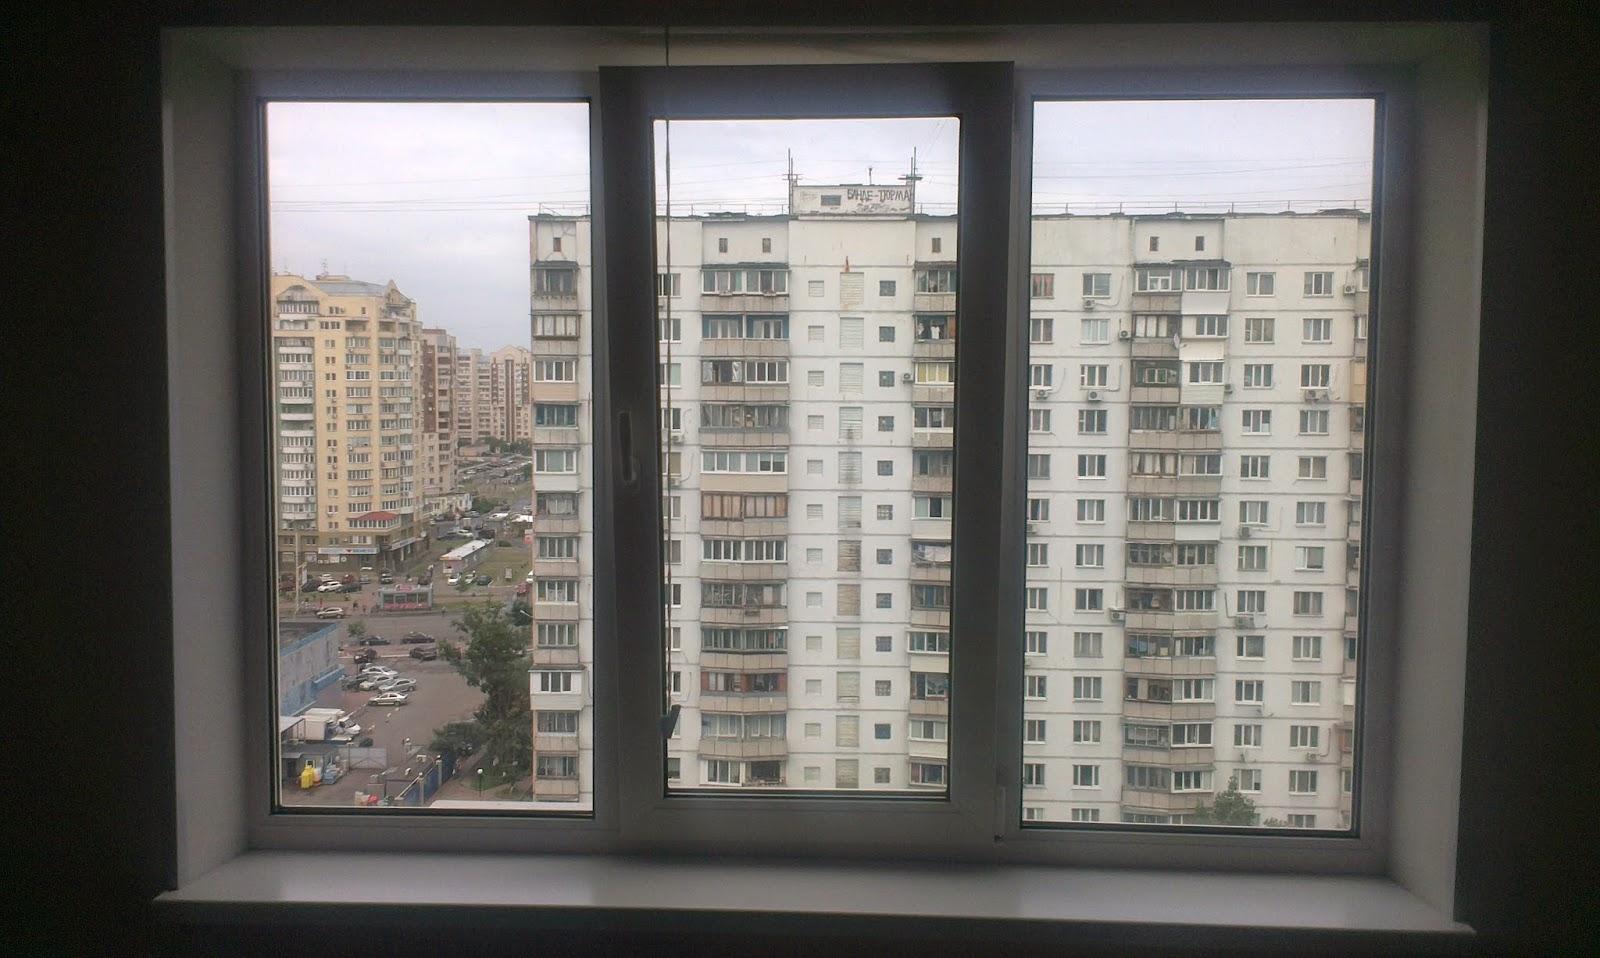 Купить пластиковые окна в Москве дешево | Окна пвх